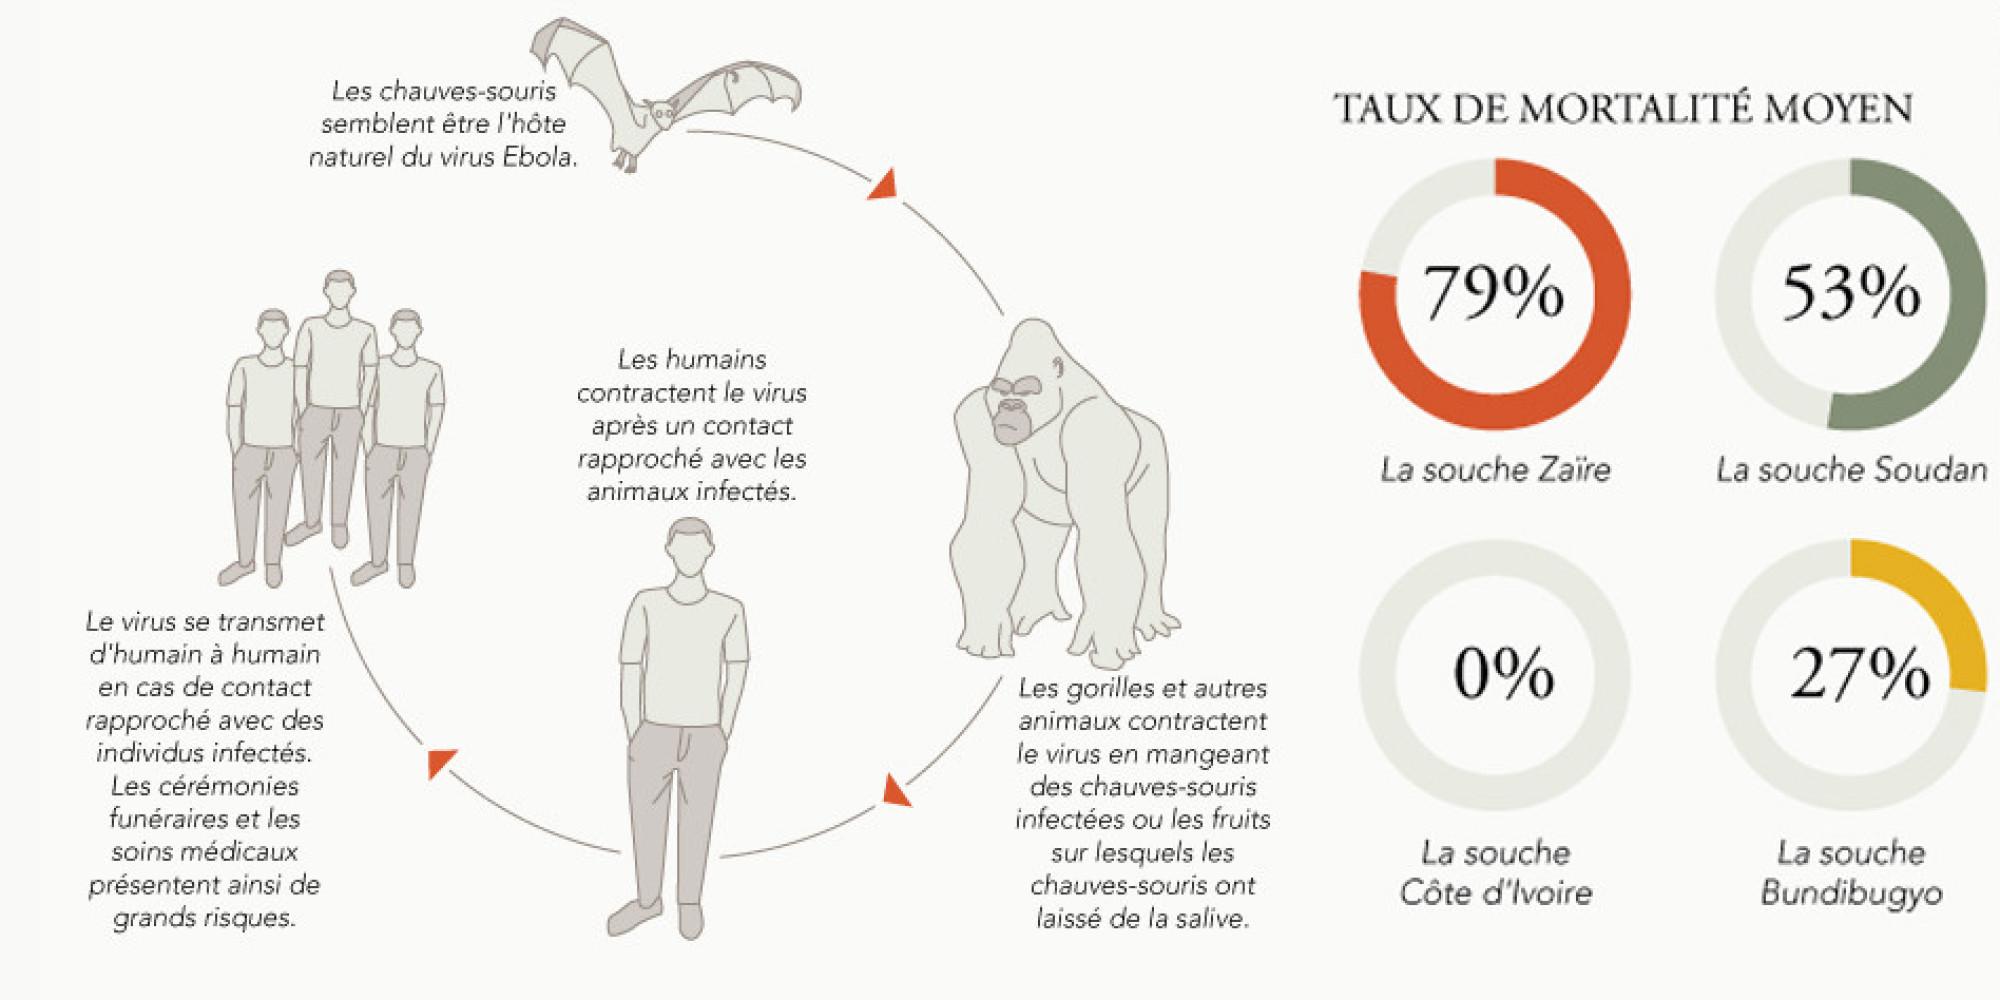 Virus Ebola Transmission Traitement Pays Concerns Le